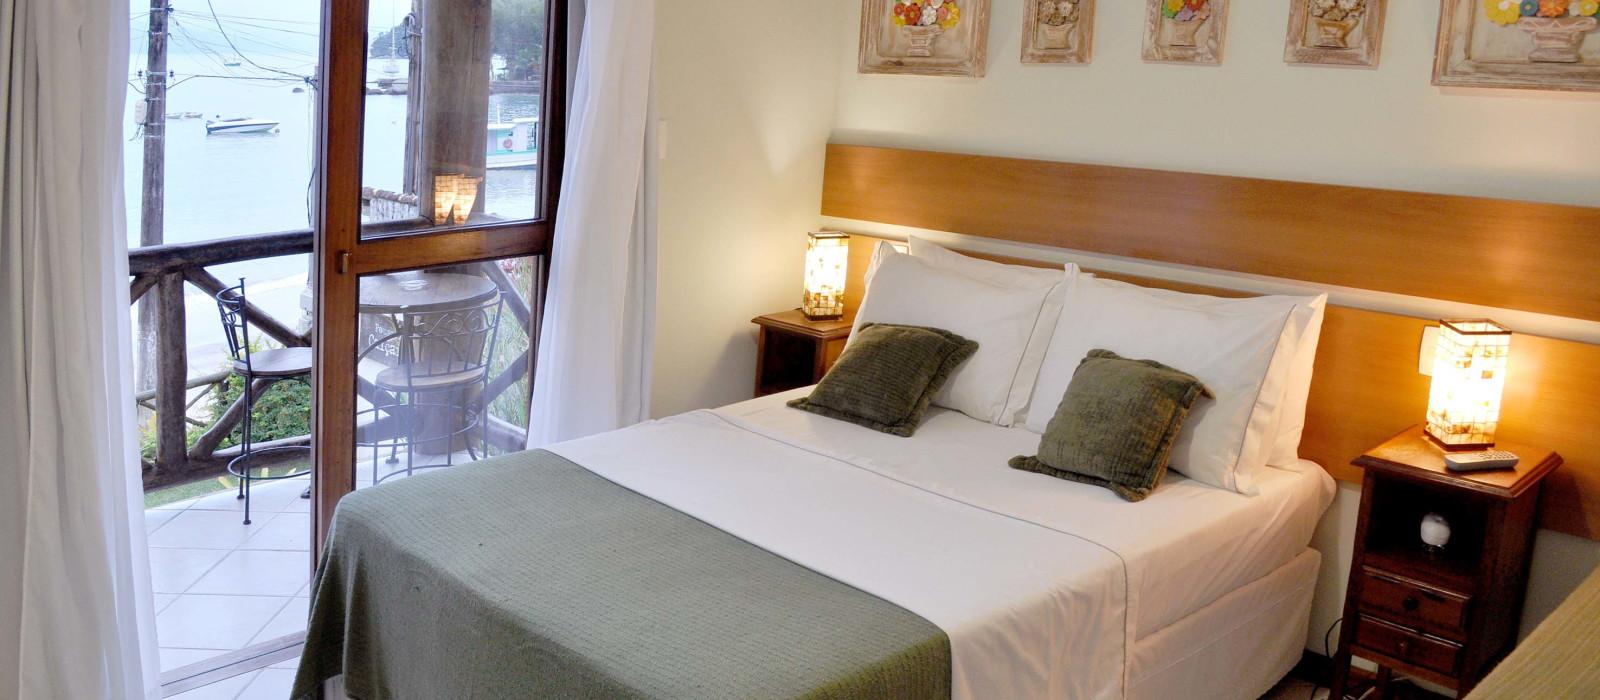 Hotel Caiçara Pousada Brasilien